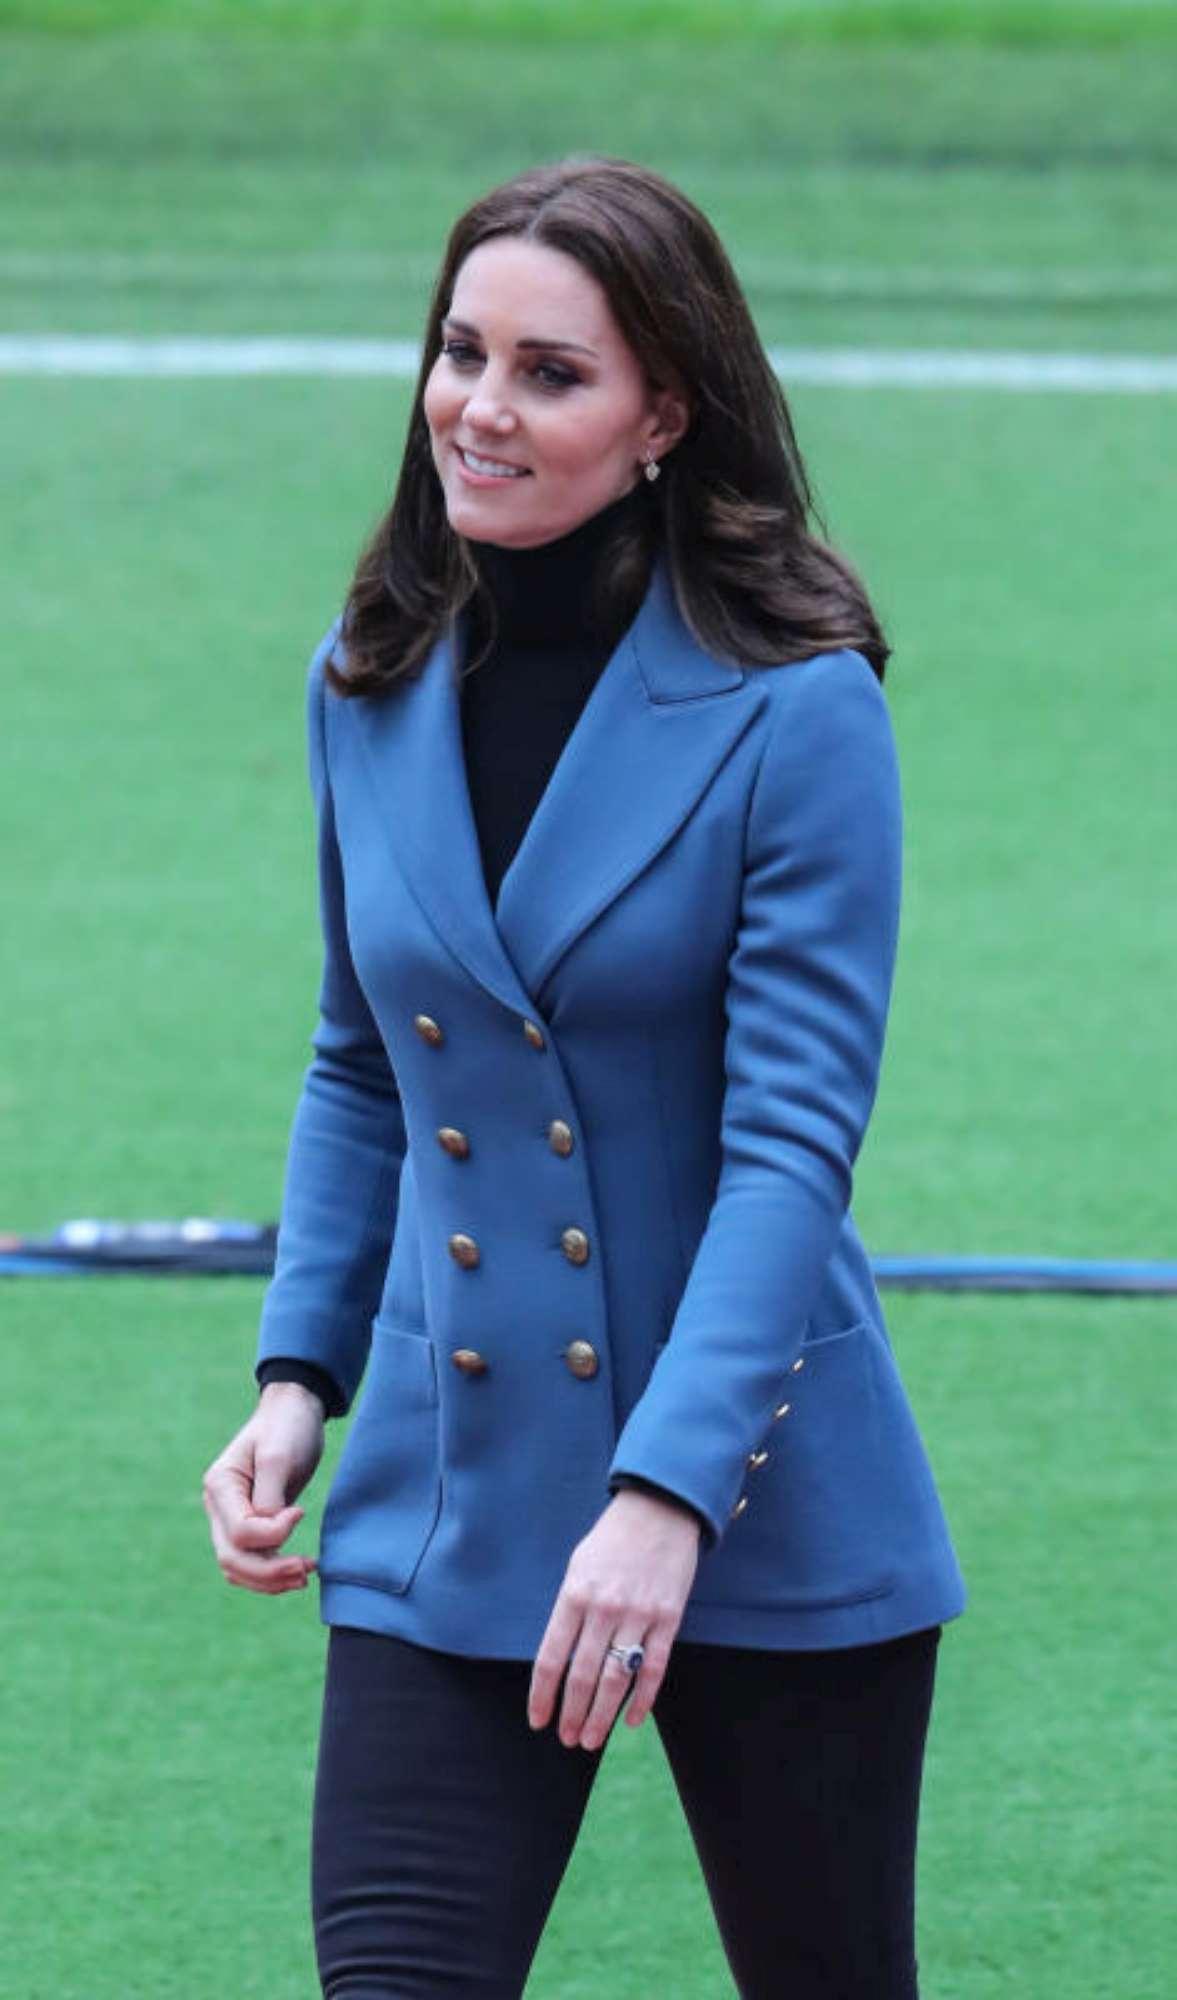 d89cb4952b6e Che pancione regale! Guarda tutti i look premaman di Kate Middleton ...